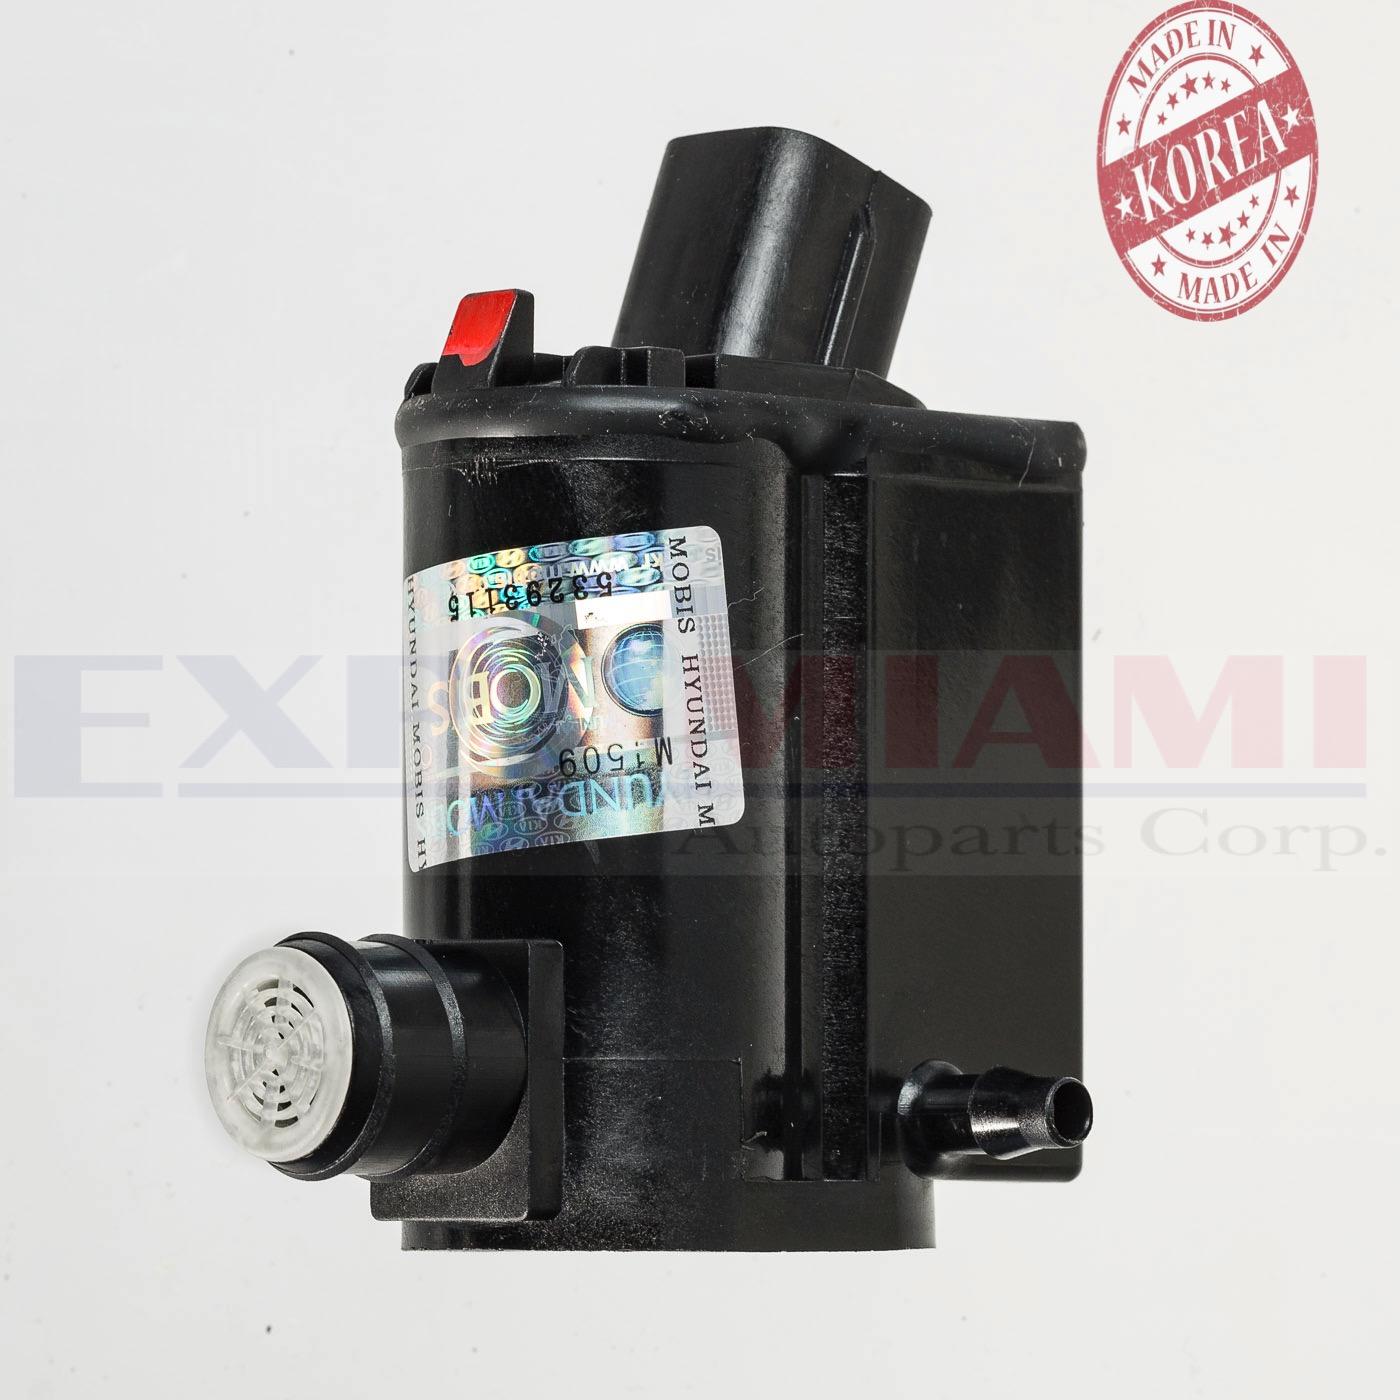 Genuine Fits 06 11 Hyundai Accent Windshield Washer Pump